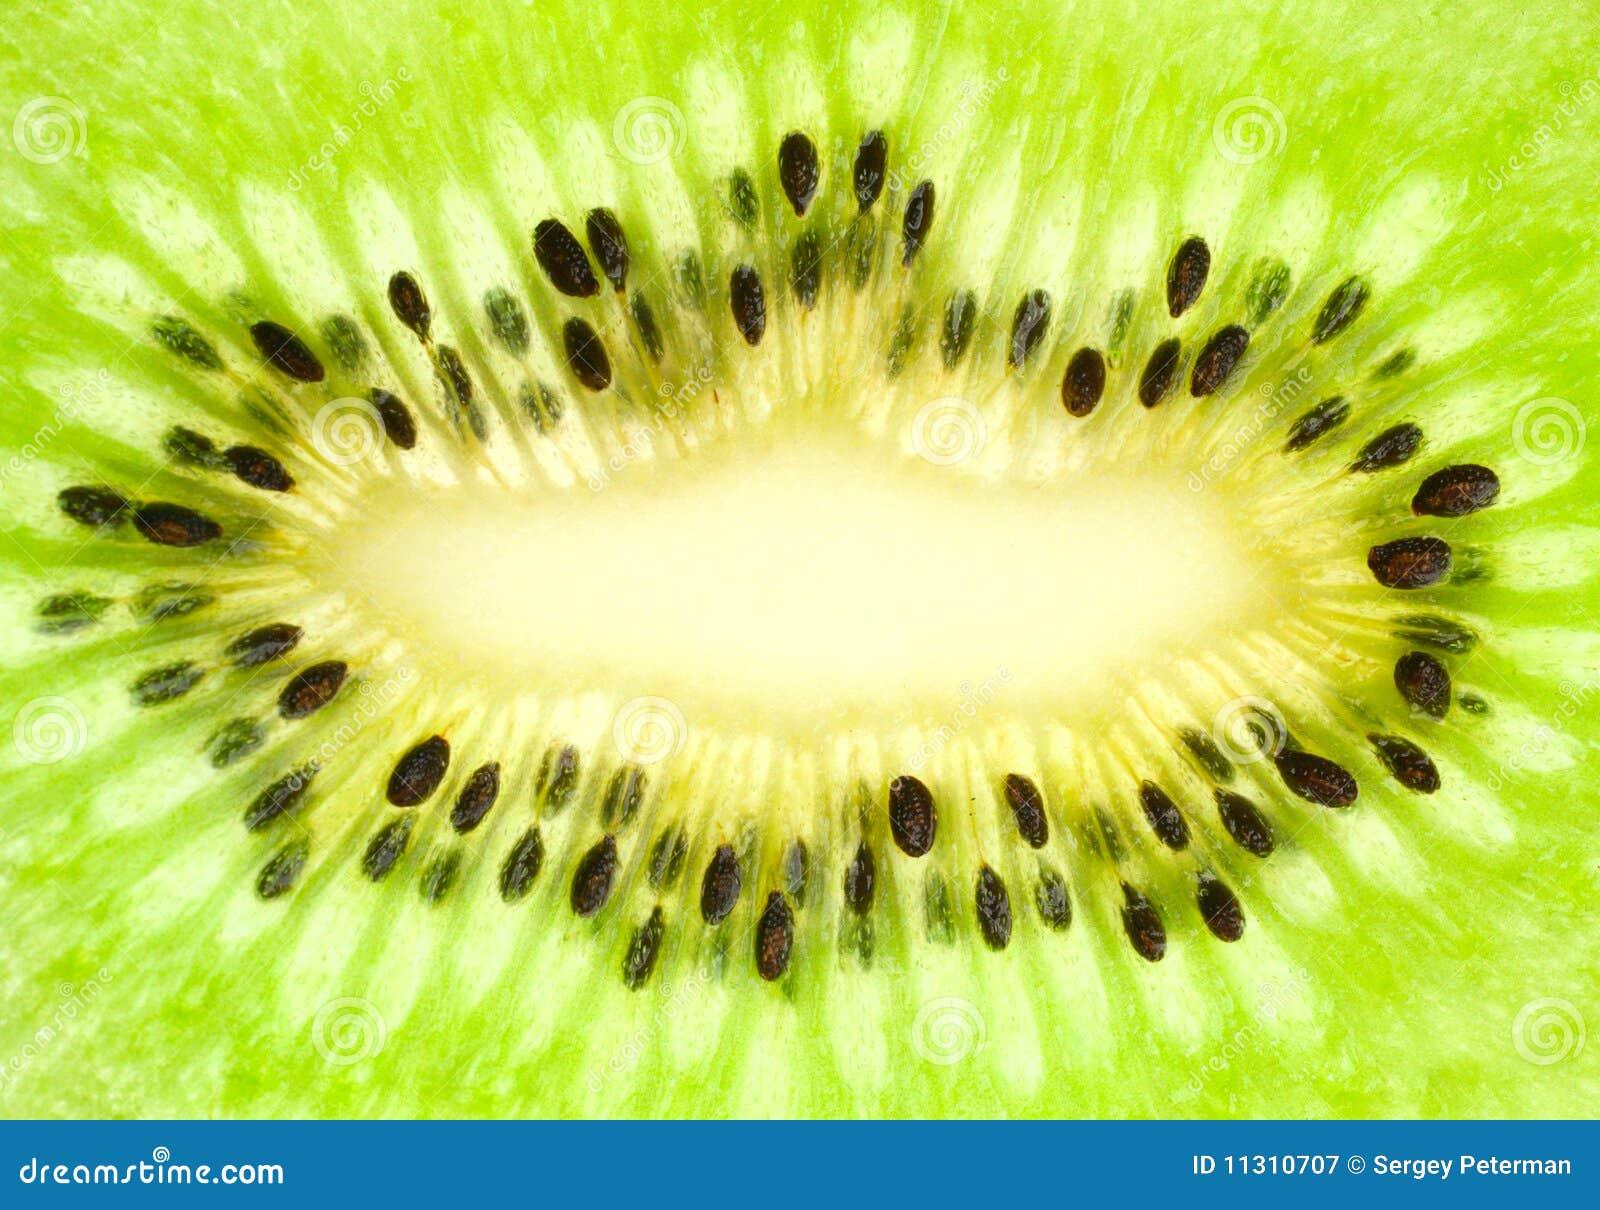 Kiwibeschaffenheit